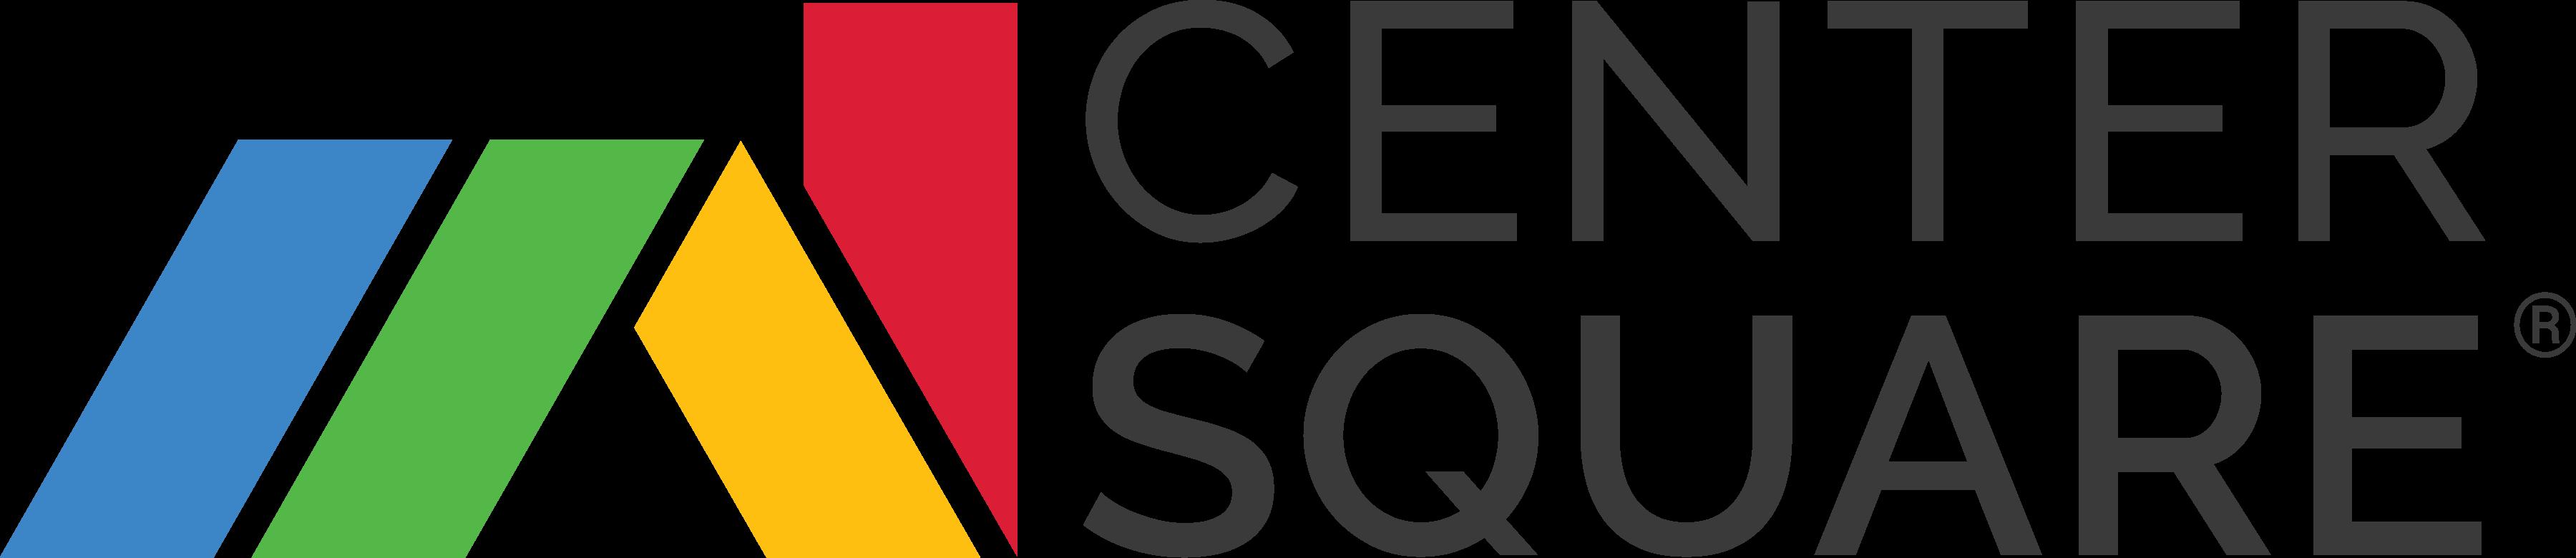 Center Square Logo